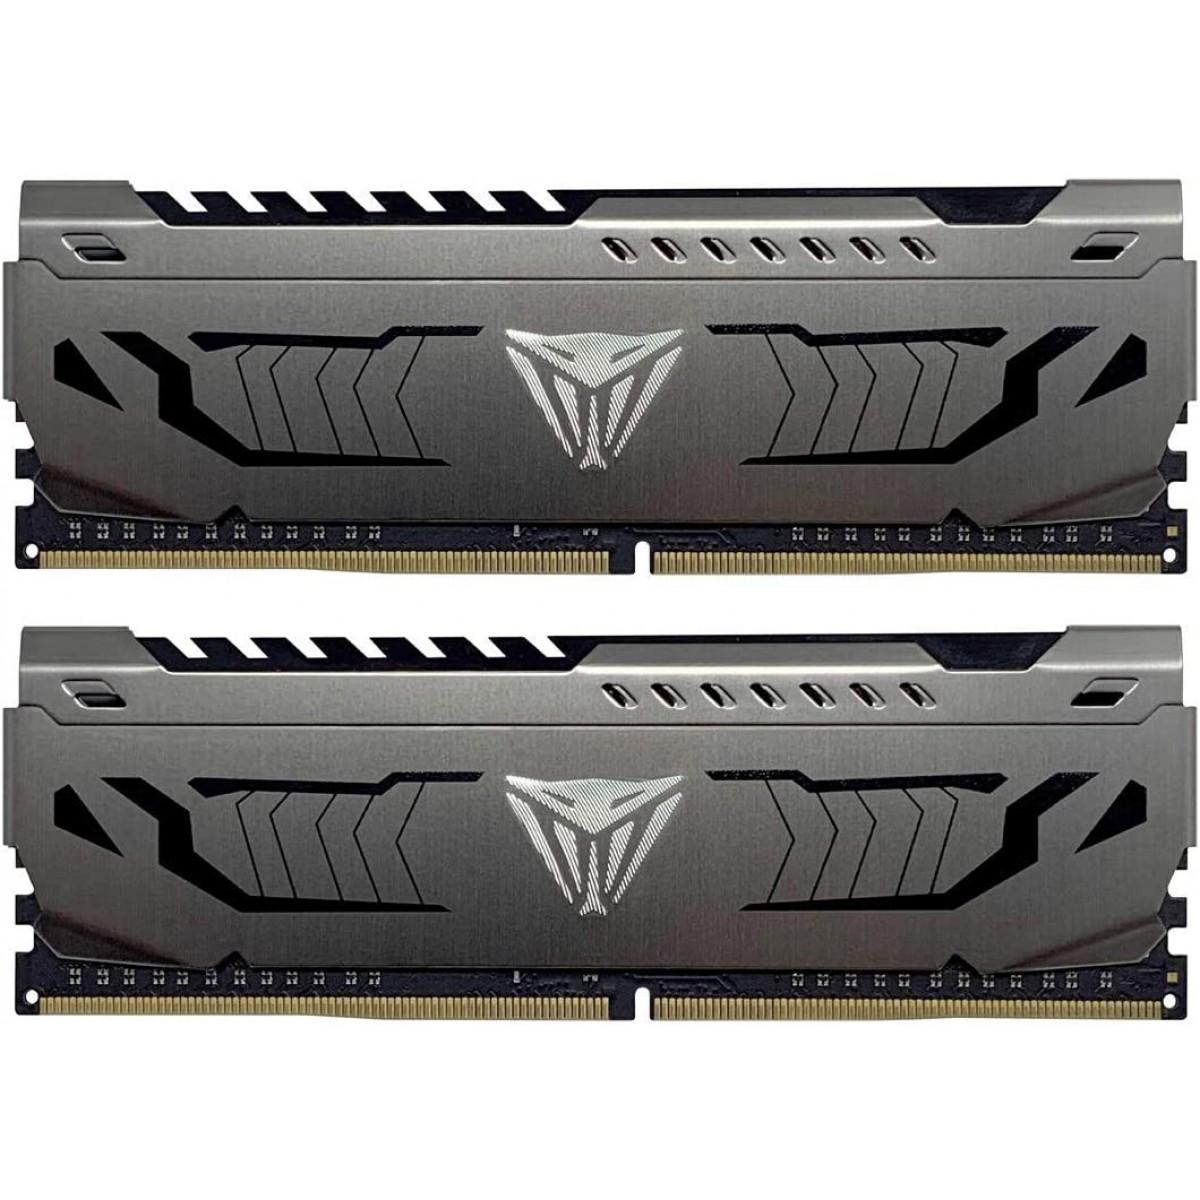 Memória DDR4 Patriot Viper Steel, 16GB (2x8GB) 3600MHz, Black, PVS416G360C7K